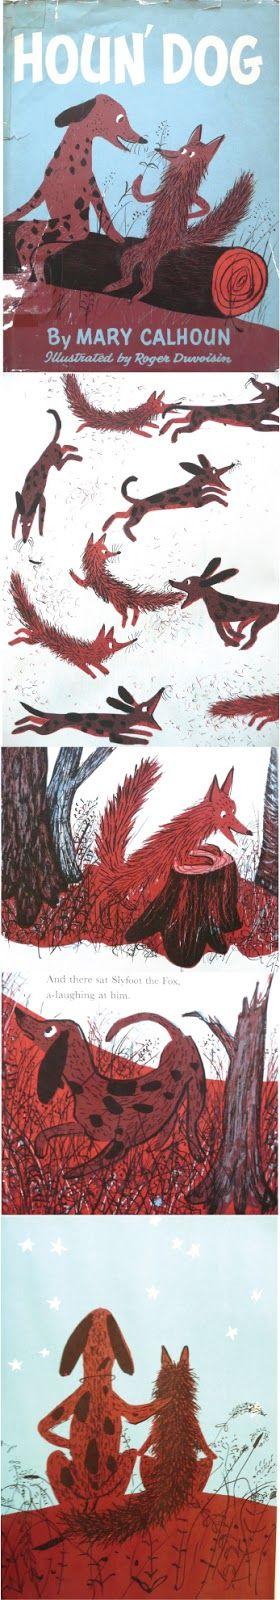 Roger Duvoisin - Houn' Dog | Stickers & Stuff